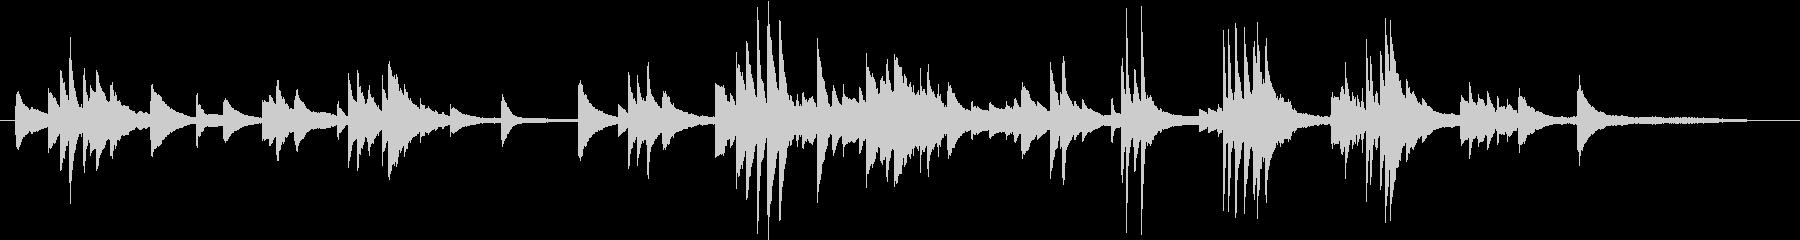 生ピアノ録音-陽だまりのような優しいソロの未再生の波形